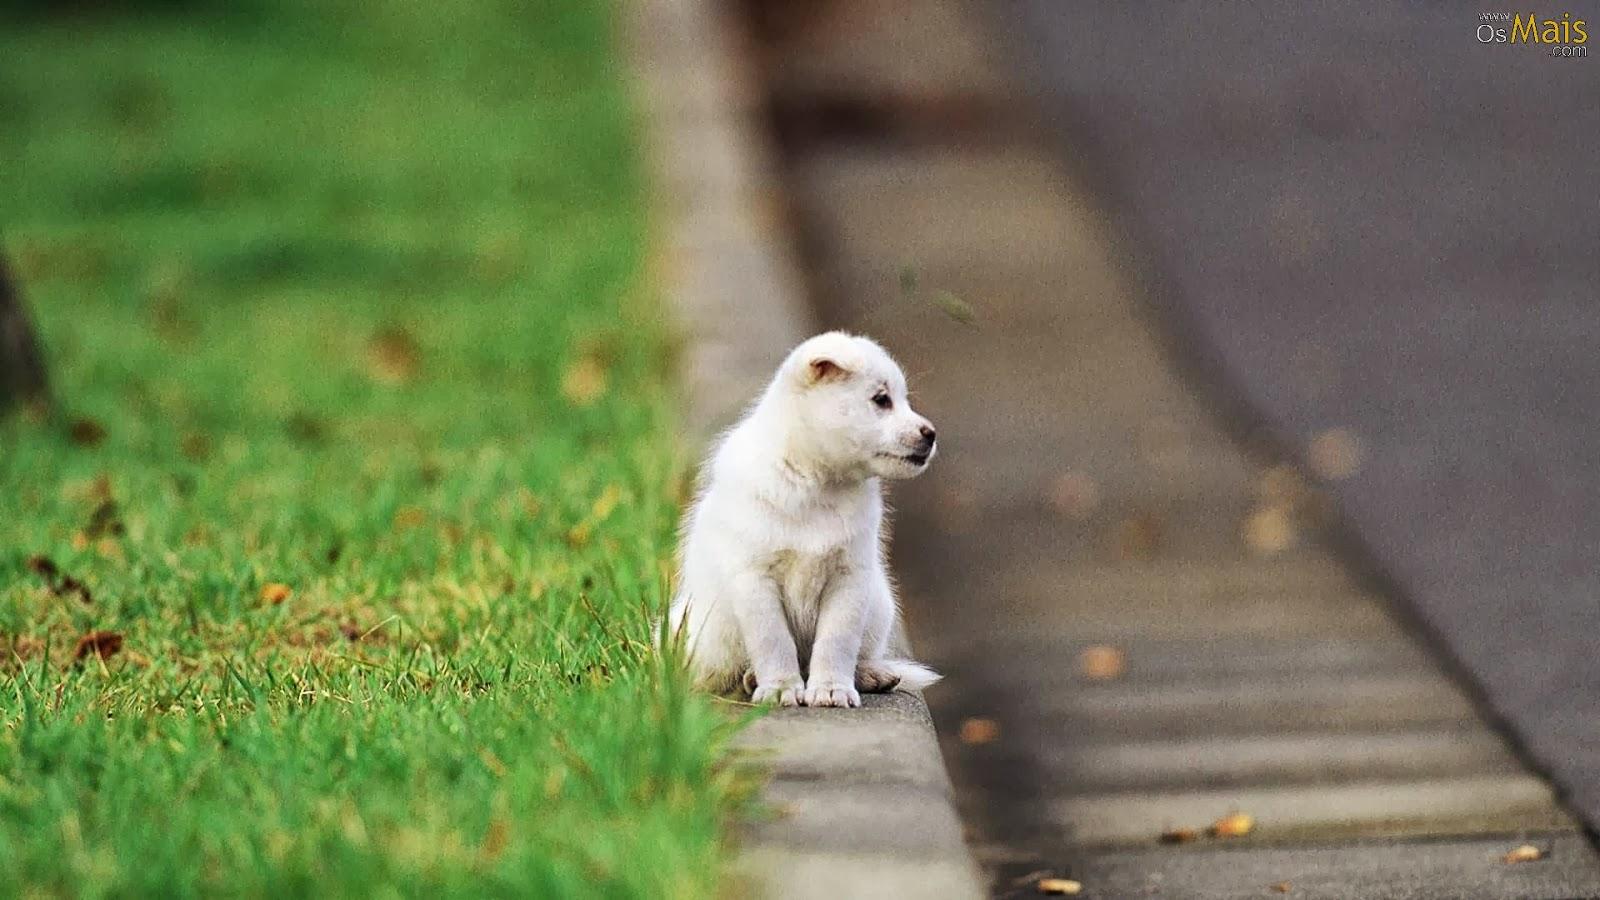 Animales cachorros mejoran la productividad Terra - imagenes de animales cachorros